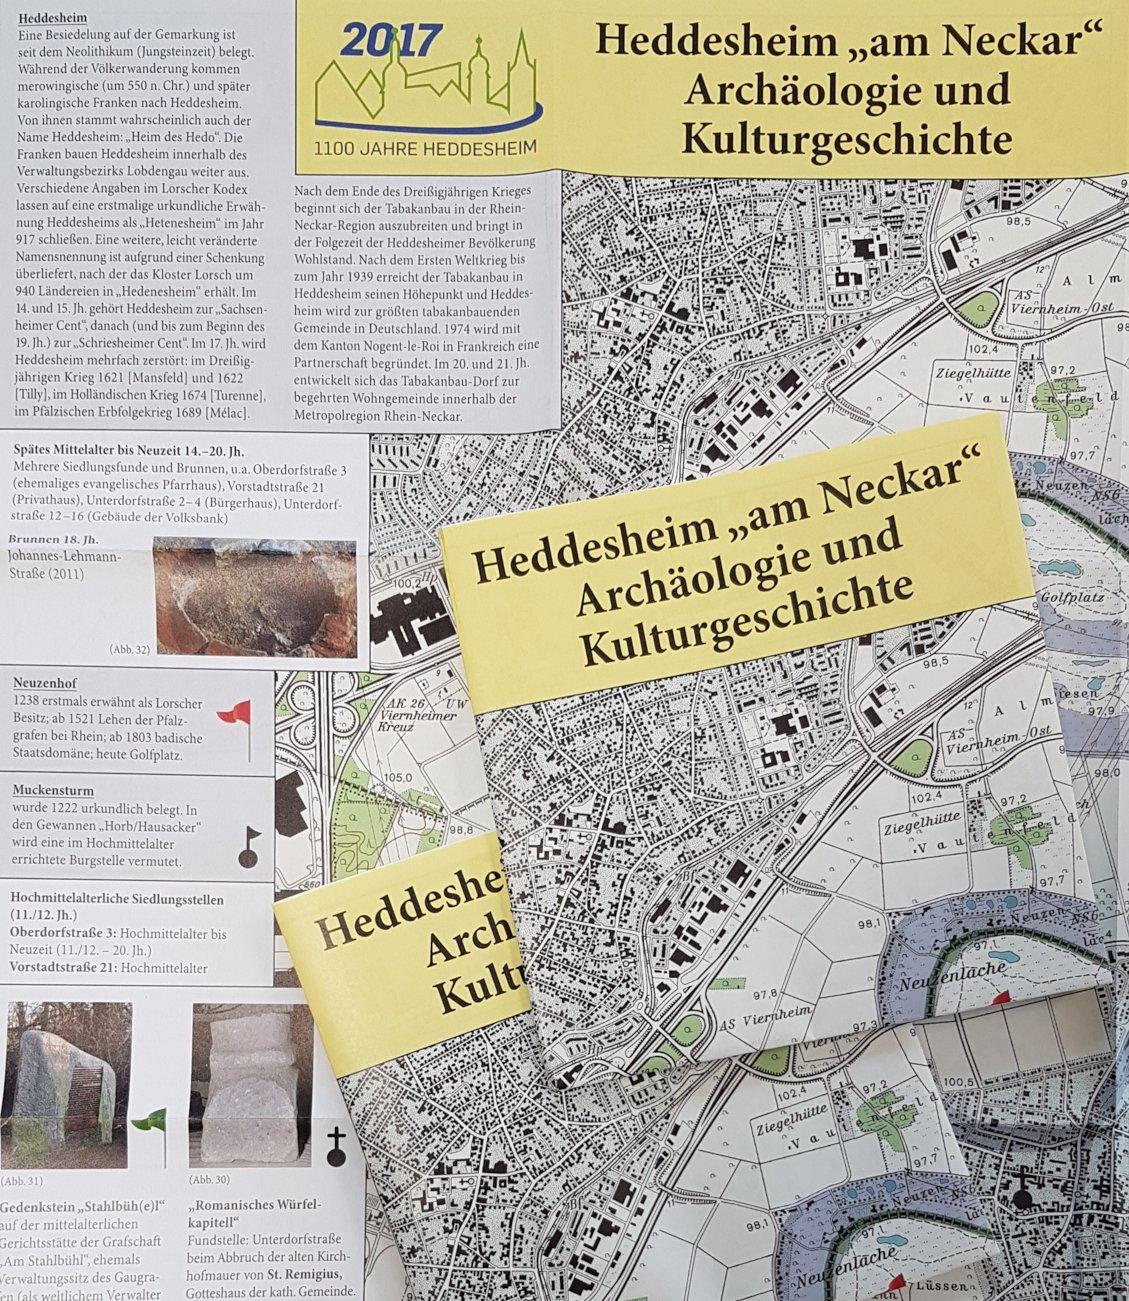 Ausschnitt aus der Karte zu Frühgeschichte Heddesheims